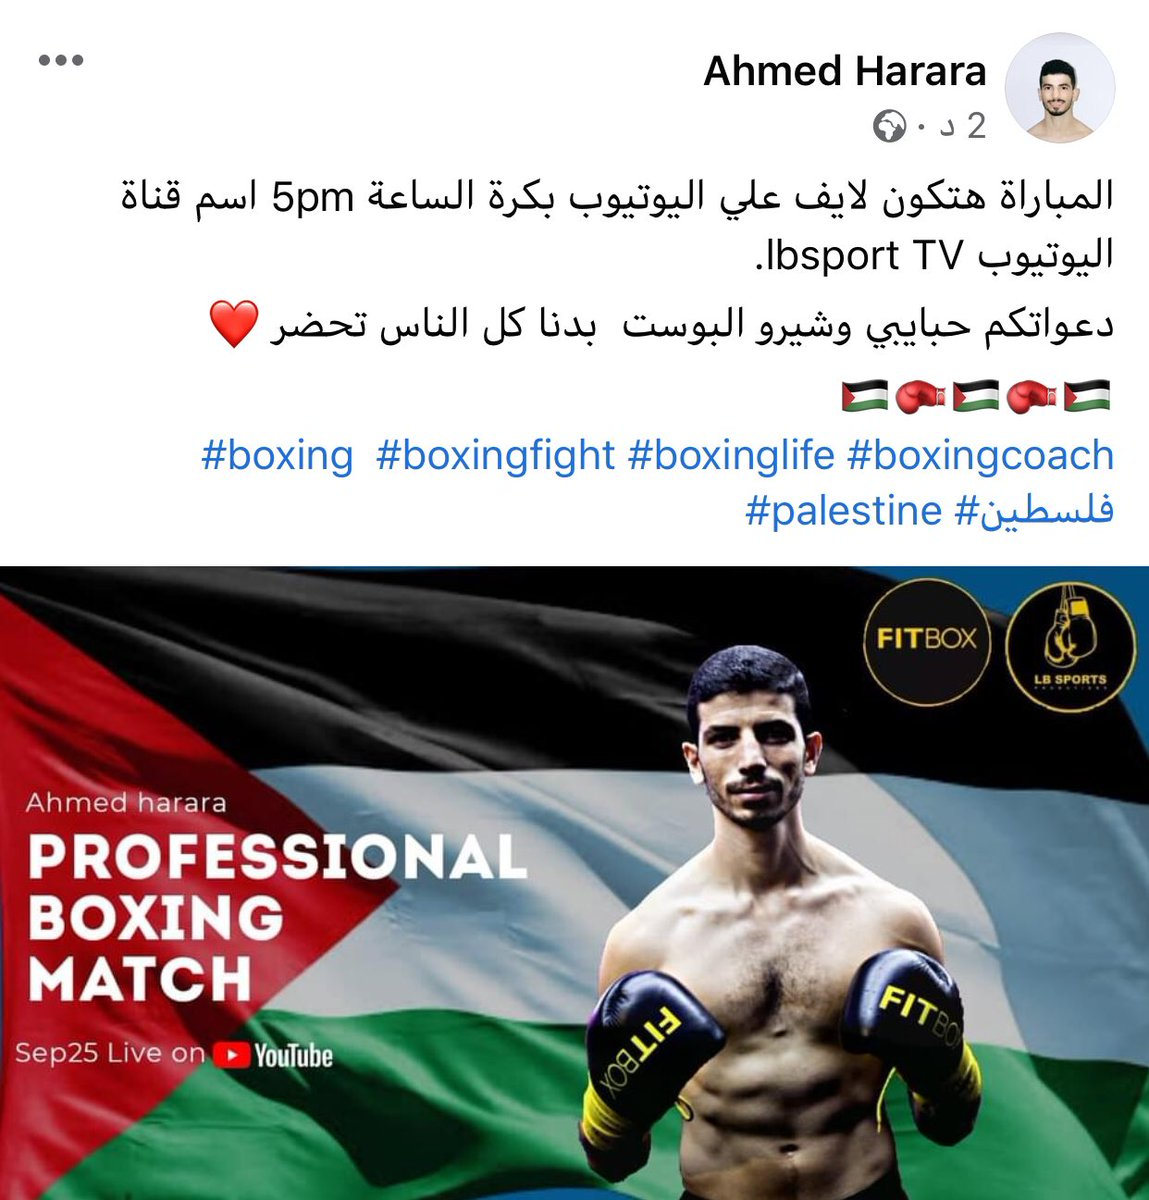 يستحق كل الحب والاحترام ❤️❤️ #boxing https://t.co/kYgJtPF2Dl